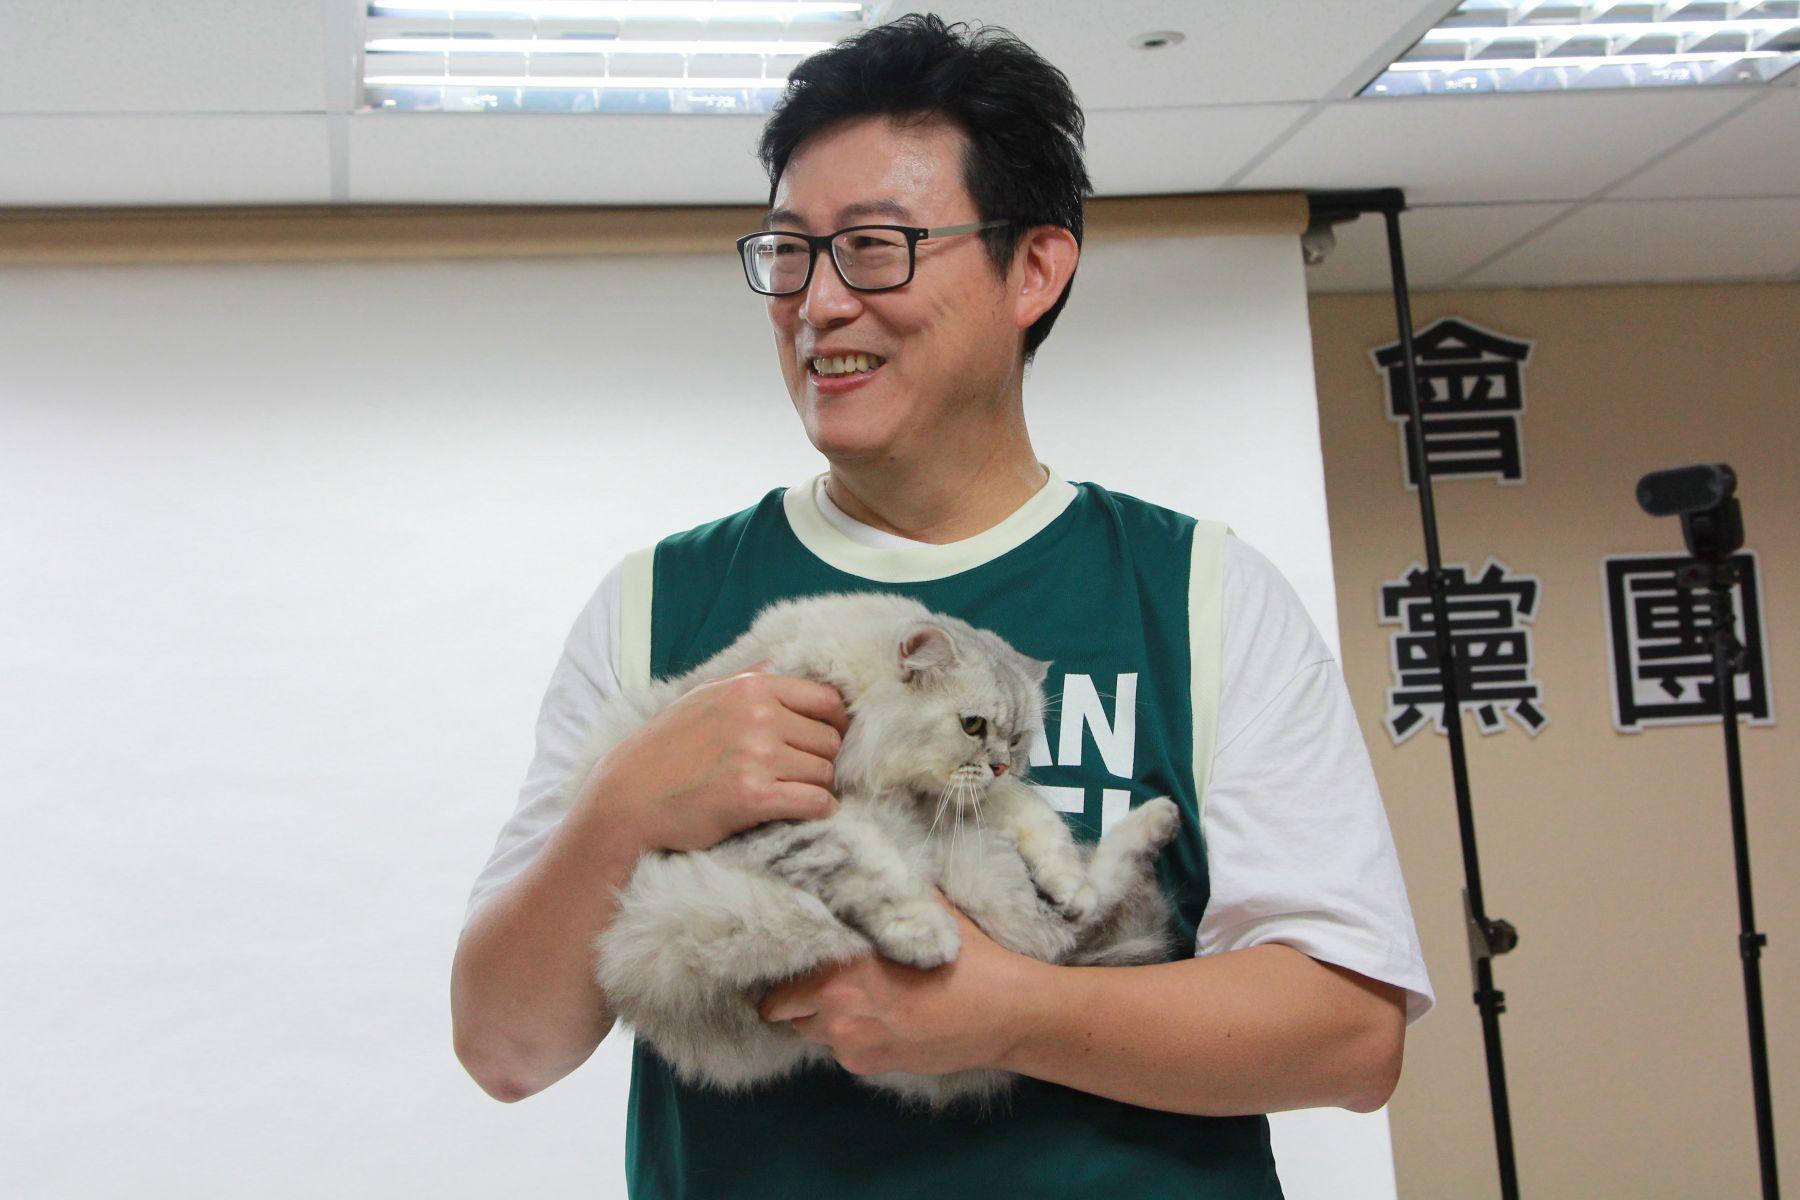 姚文智談養貓經驗引眾怒 翟本喬:拿貓作秀